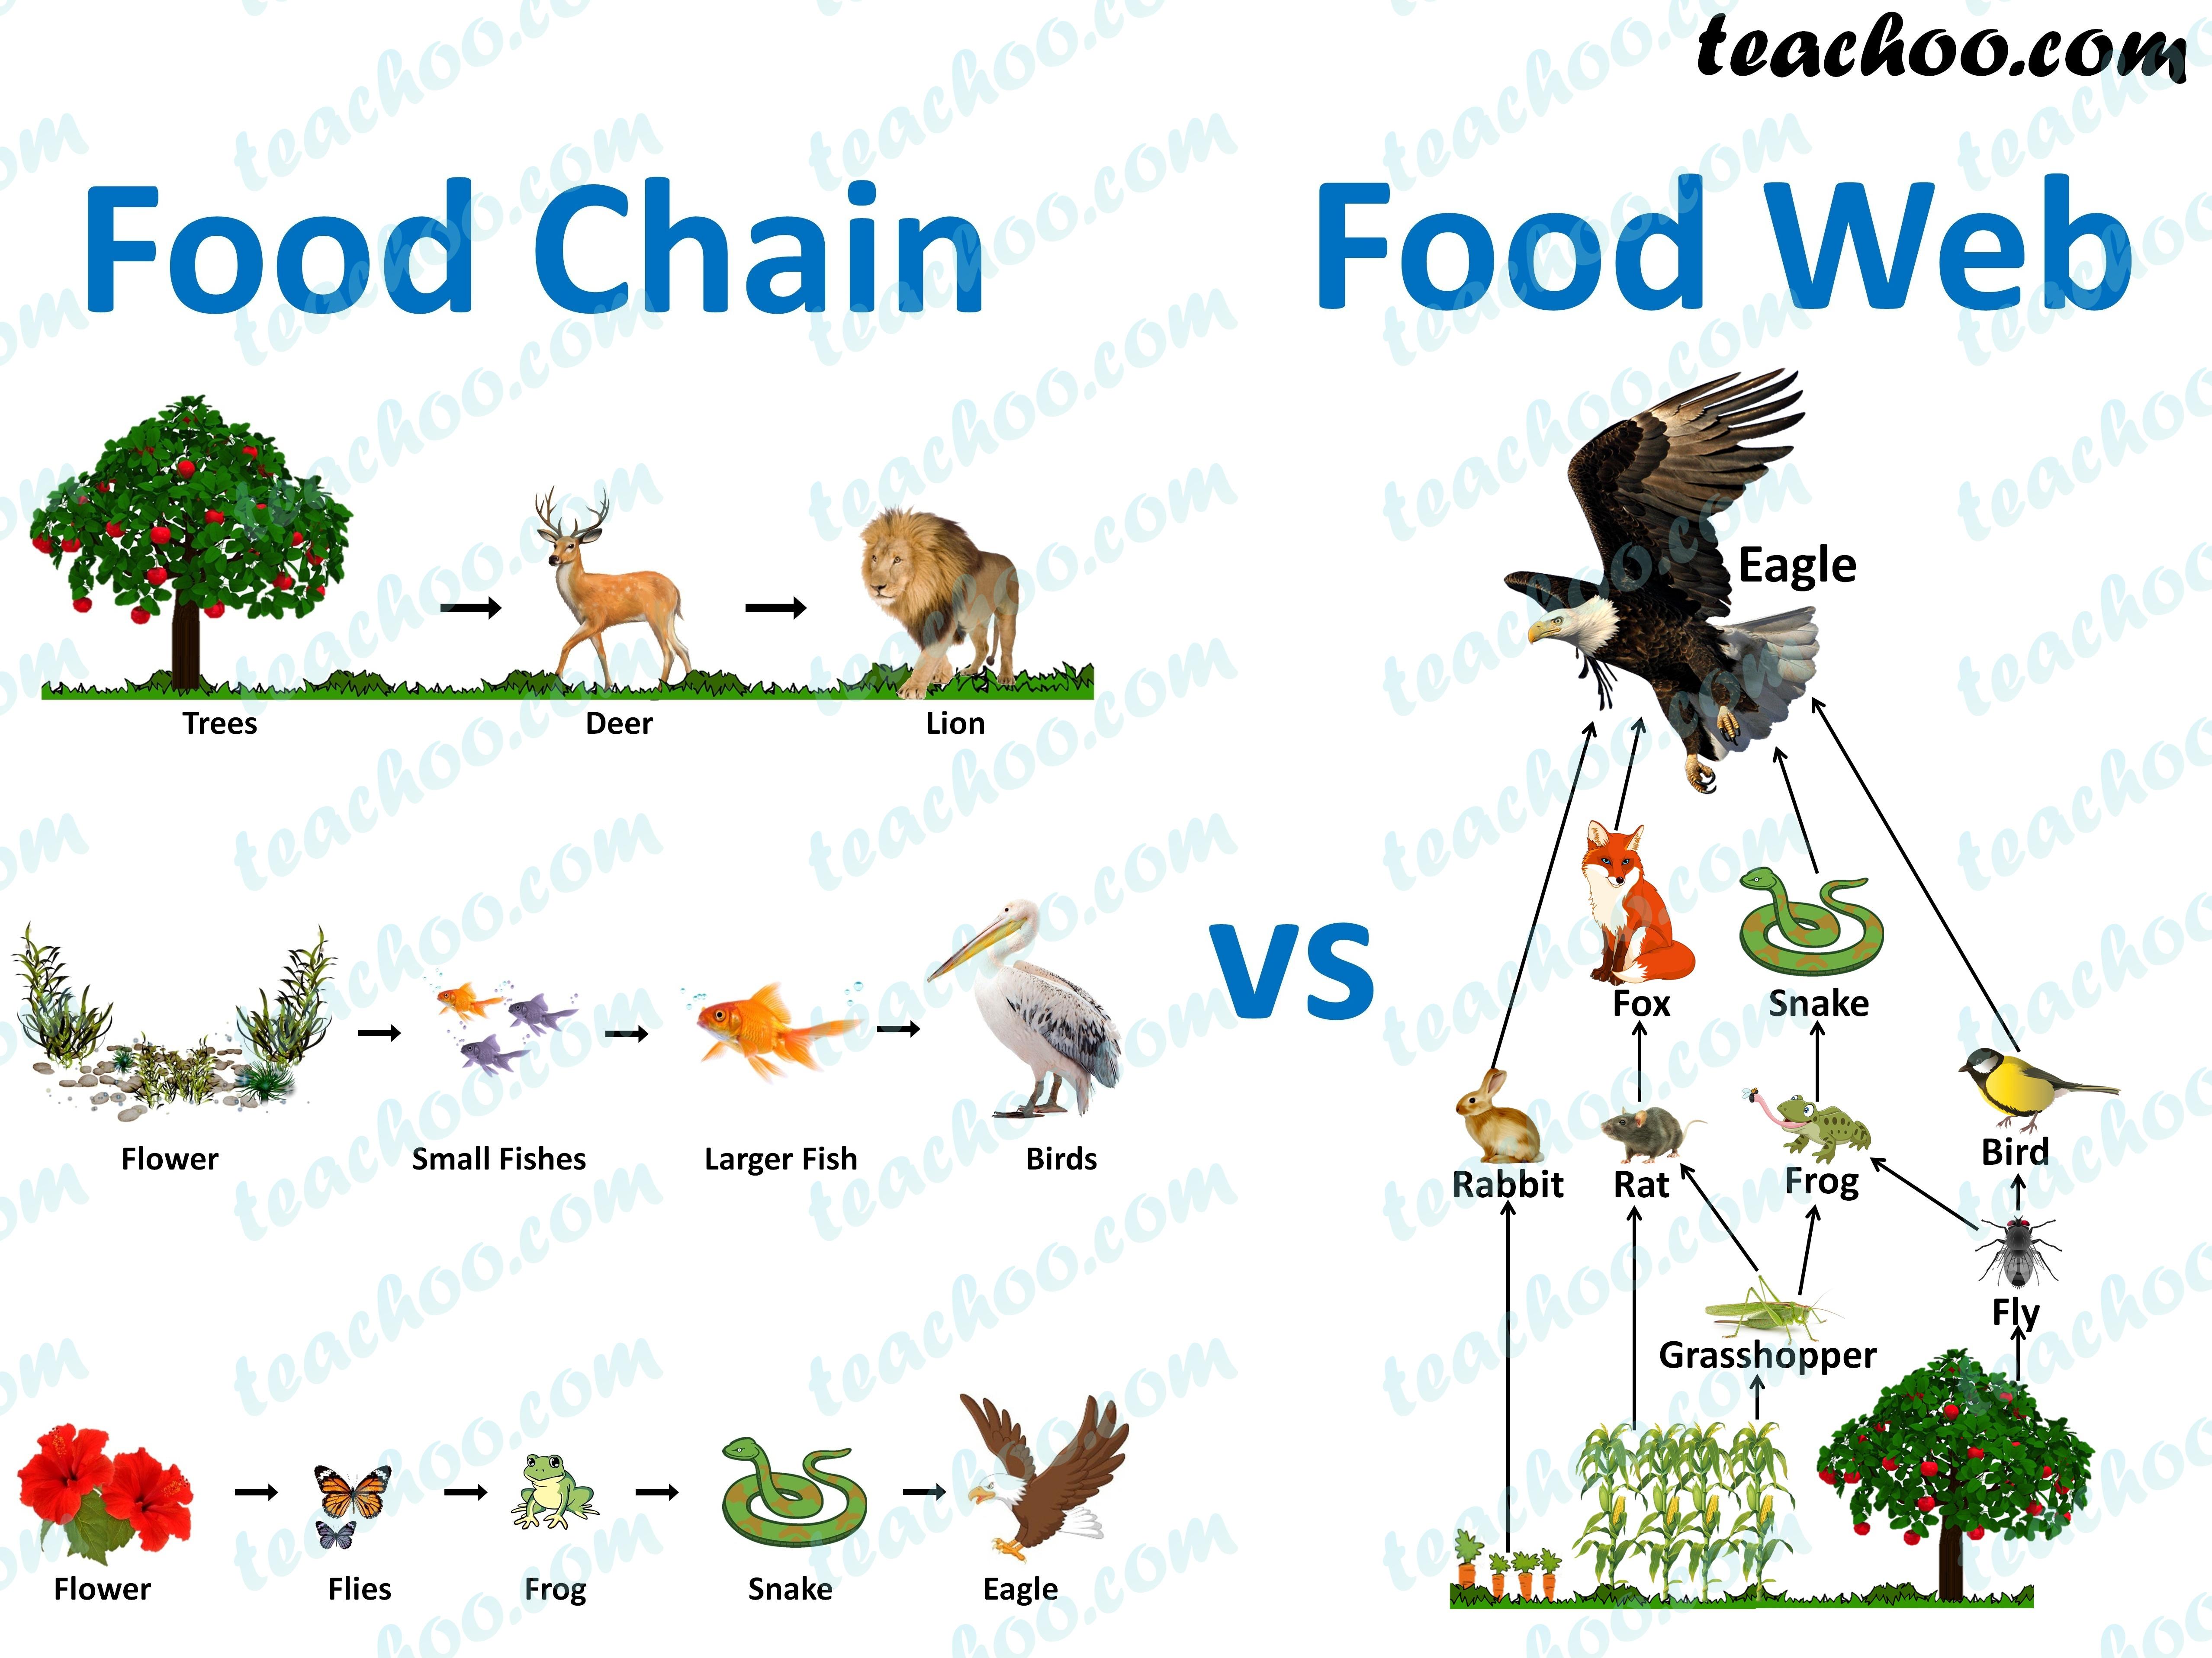 food-chains-vs-food-web---teachoo.jpg